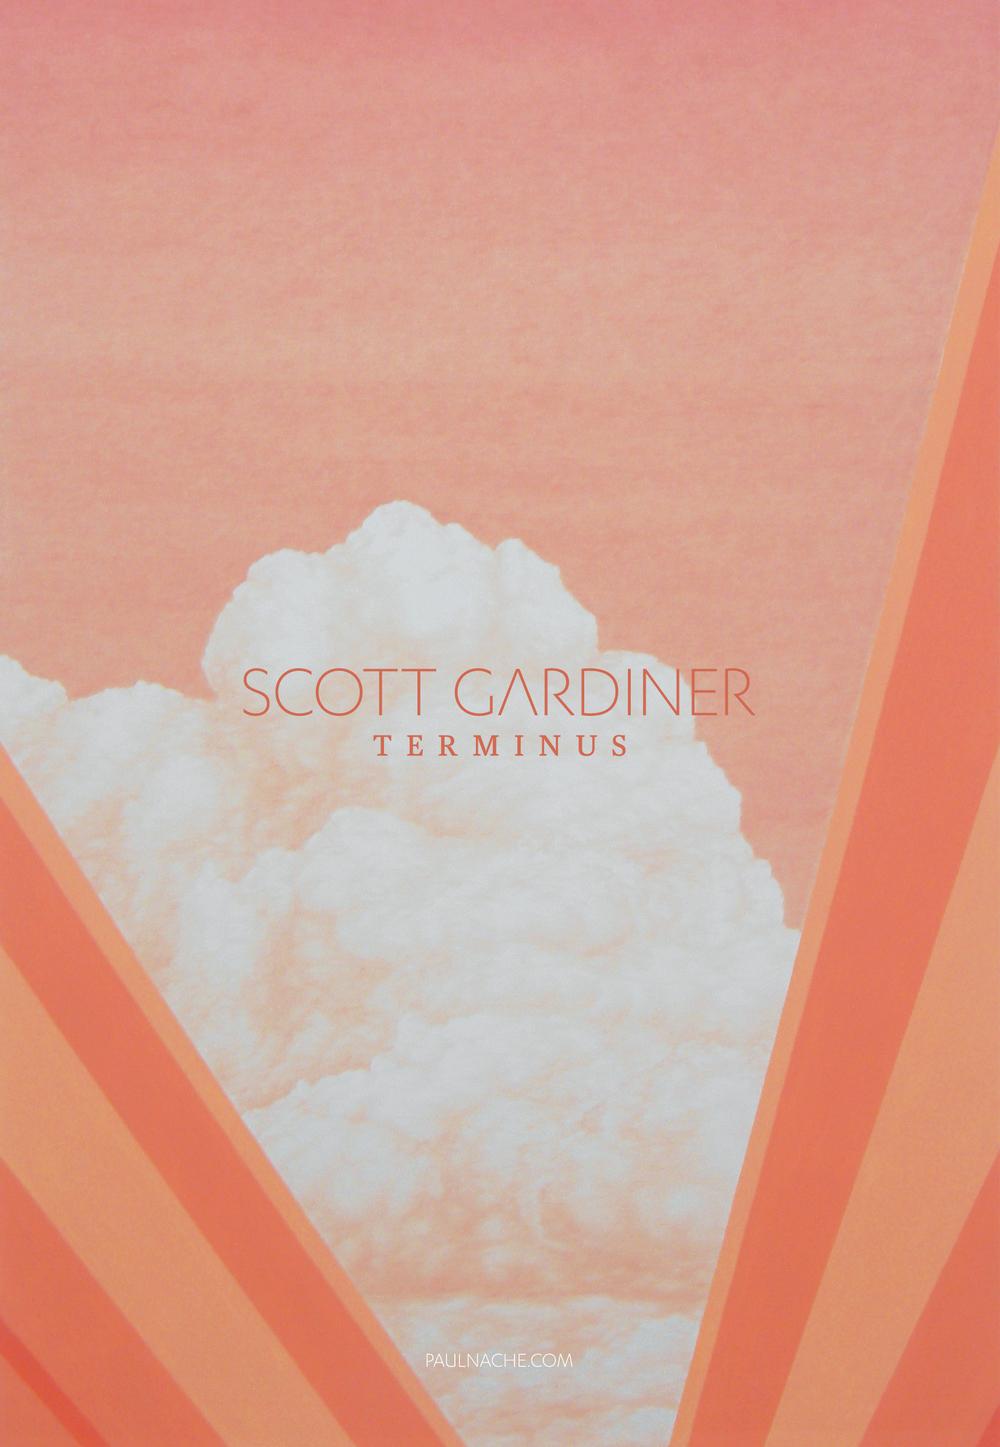 Scott Gardiner, Terminus